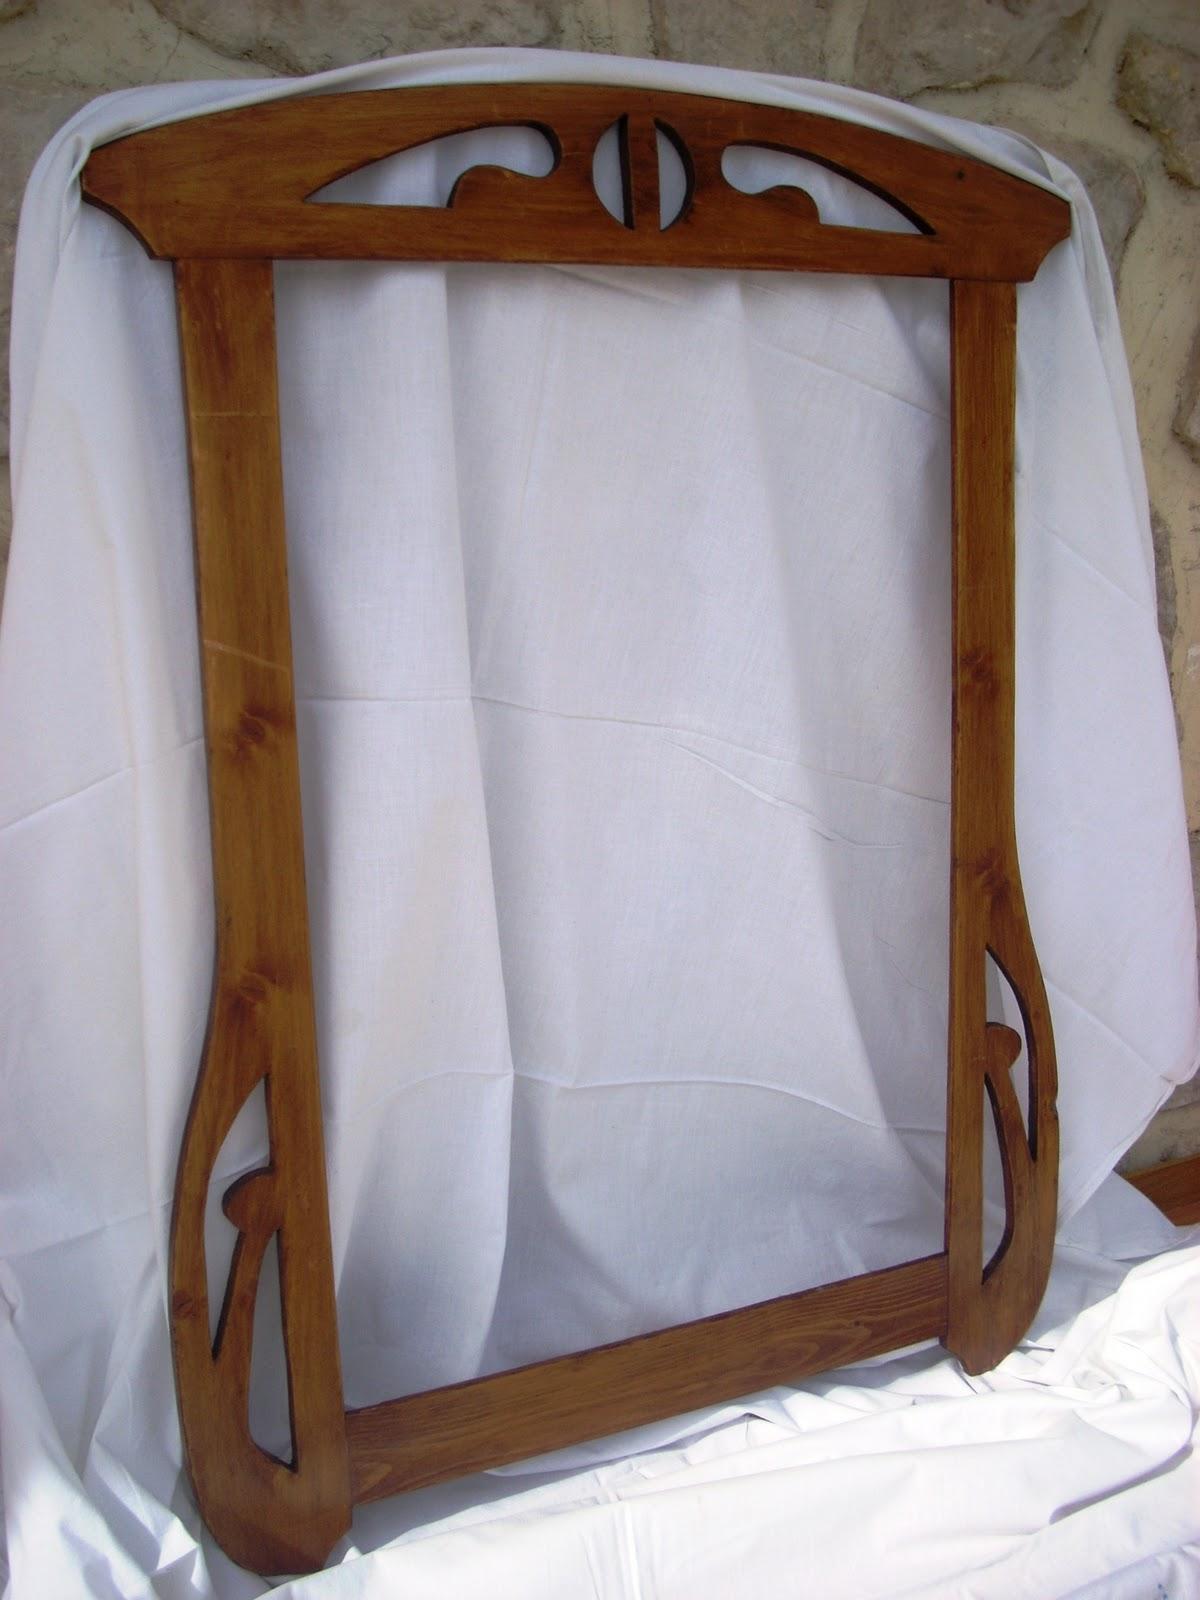 Artesan a con madera marcos y cuadros Marcos para espejos artesanales